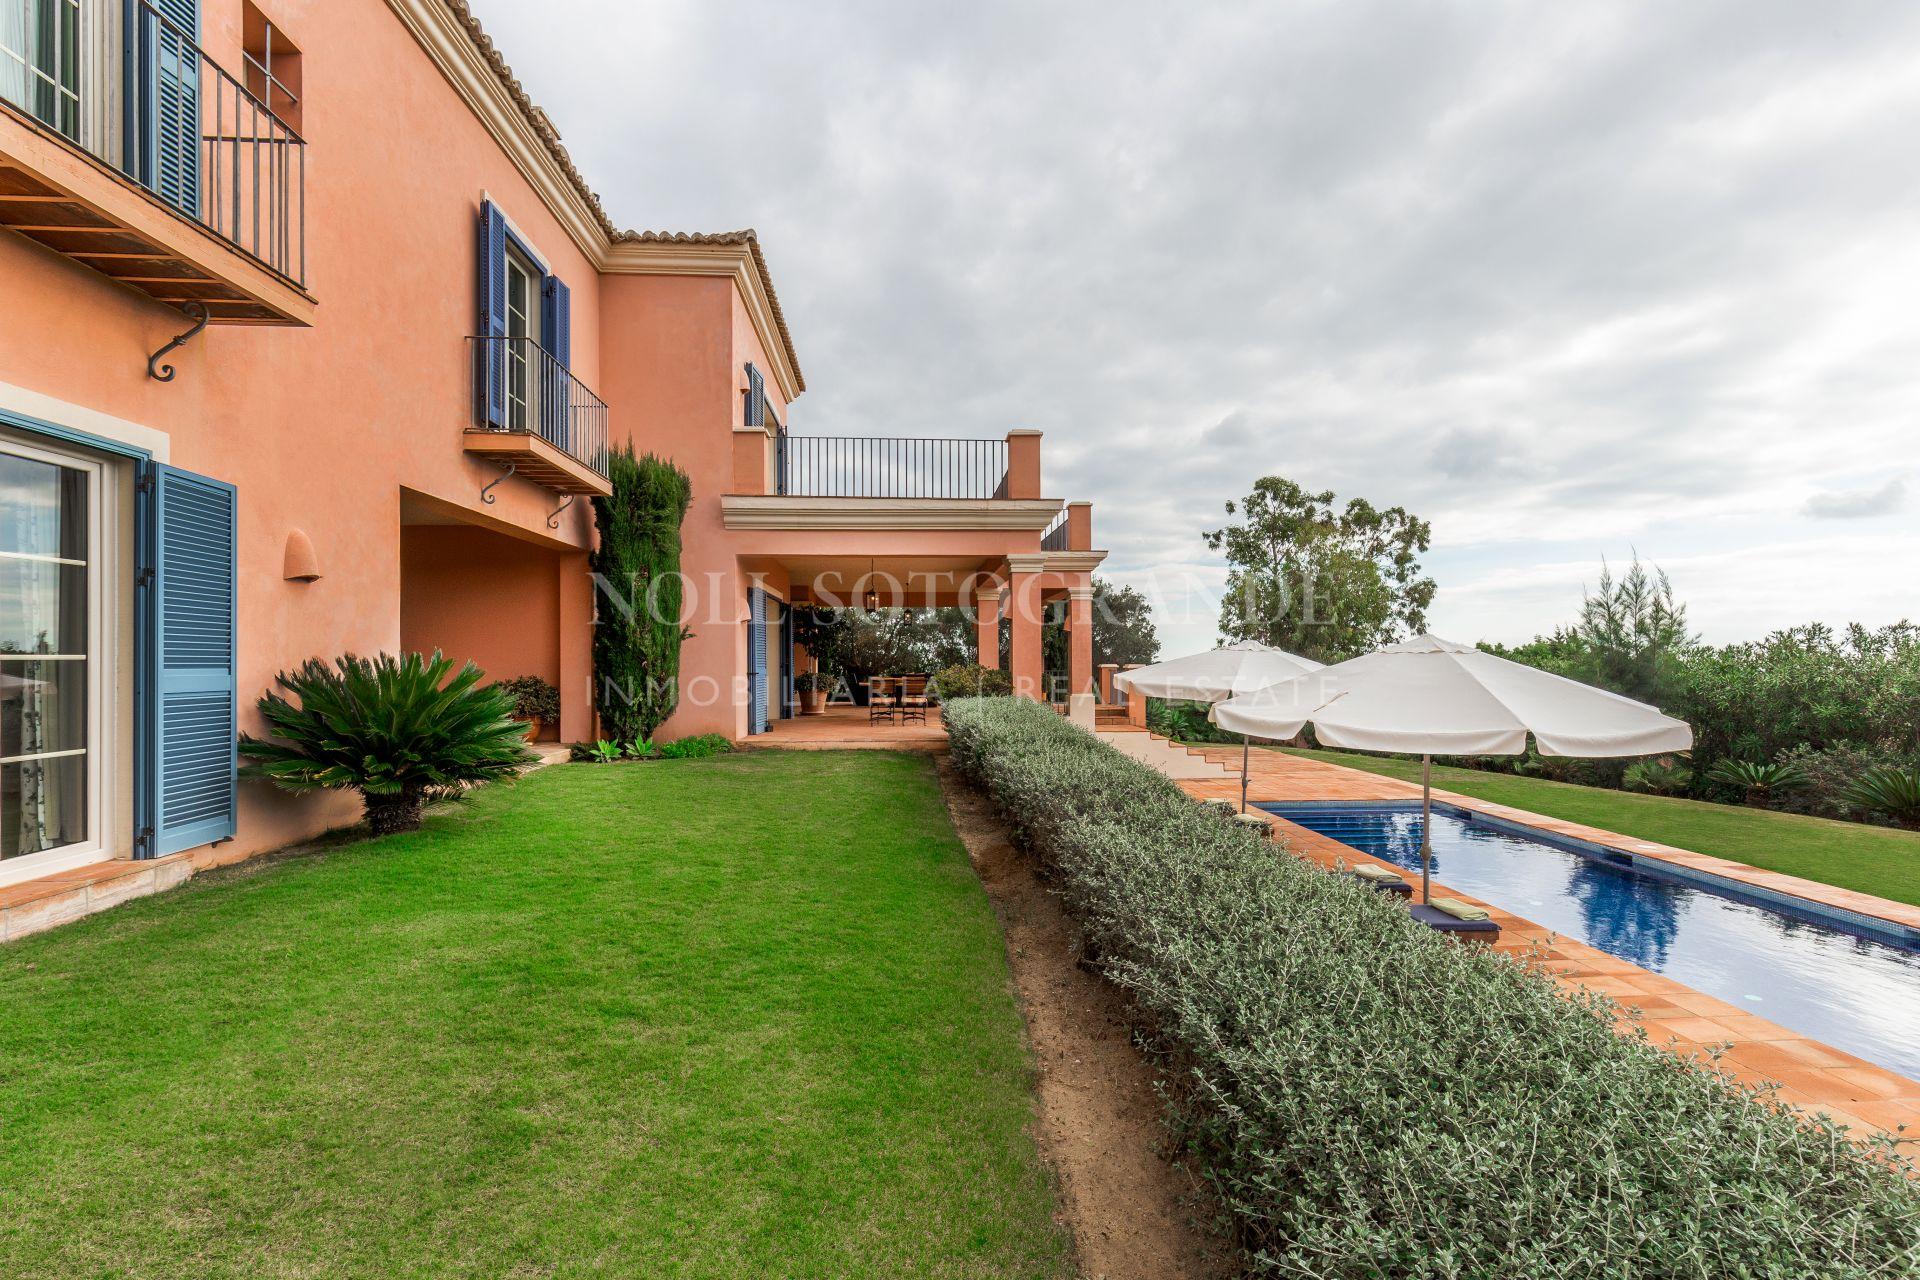 Family home for sale in Sotogrande Alto near school